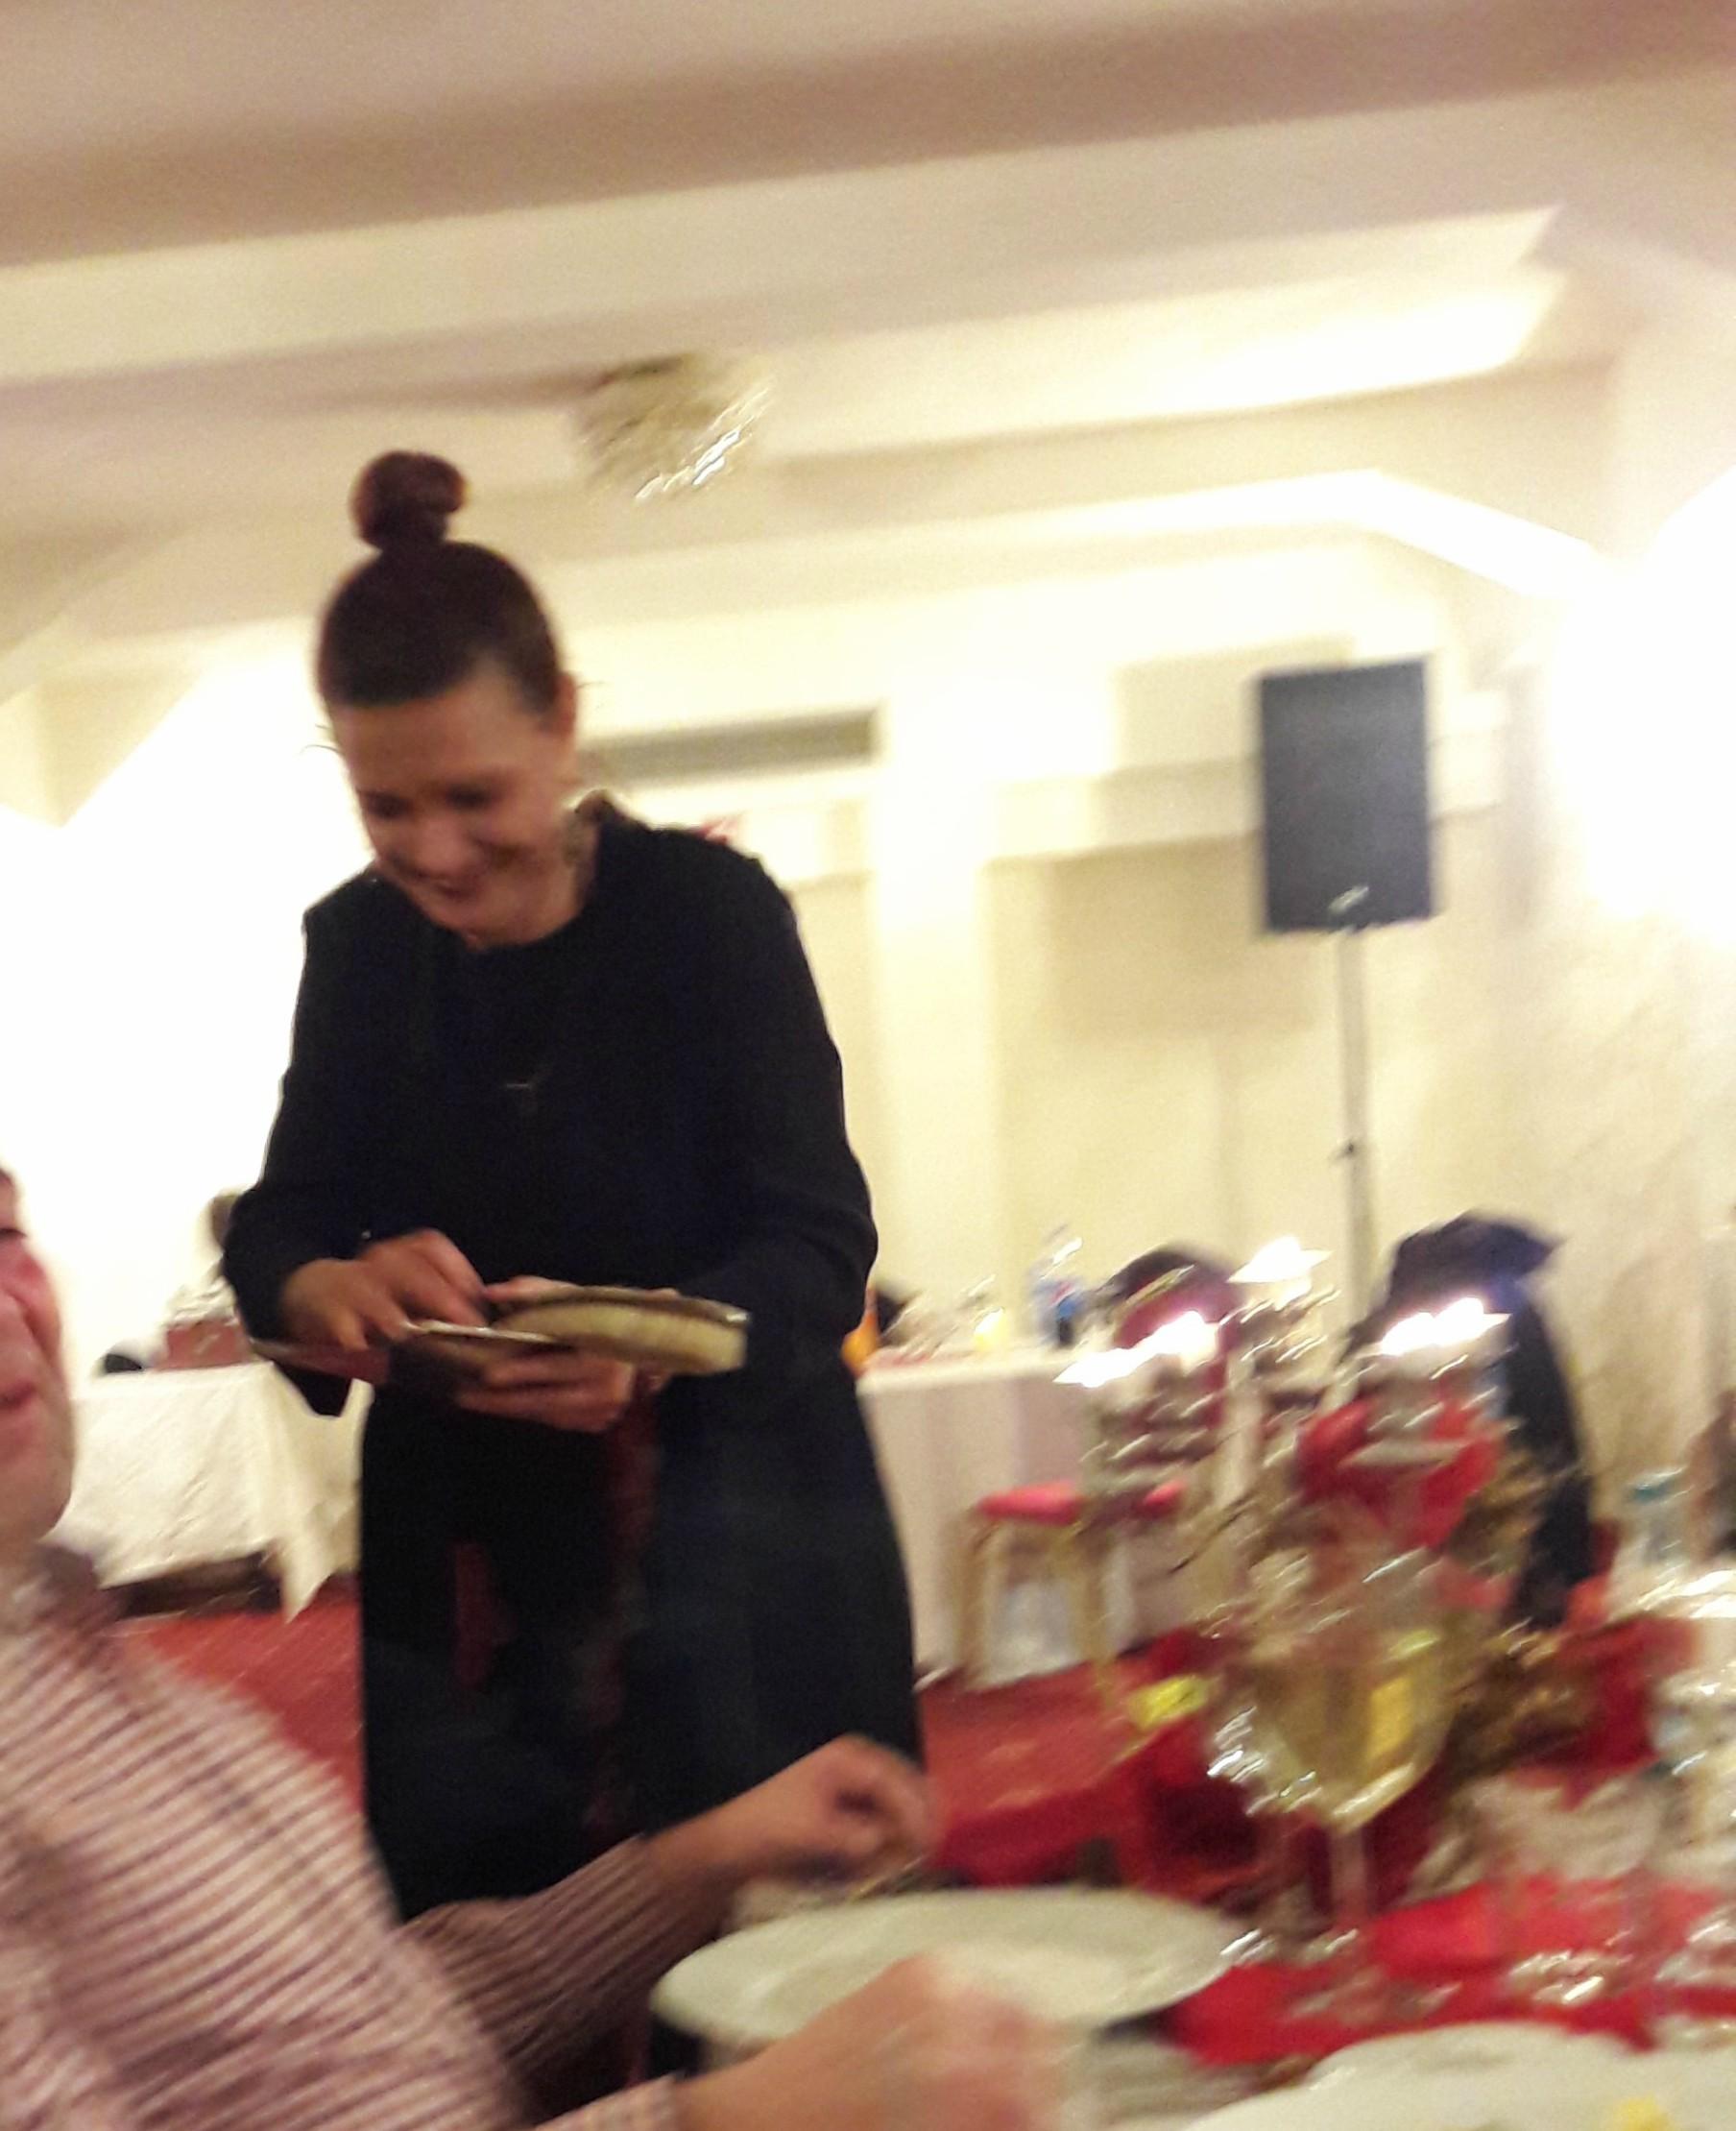 EXCLUSIV/De la actorie, la cârciumărie! Maria Buză își curăță clienții... cu măturica și fărașul